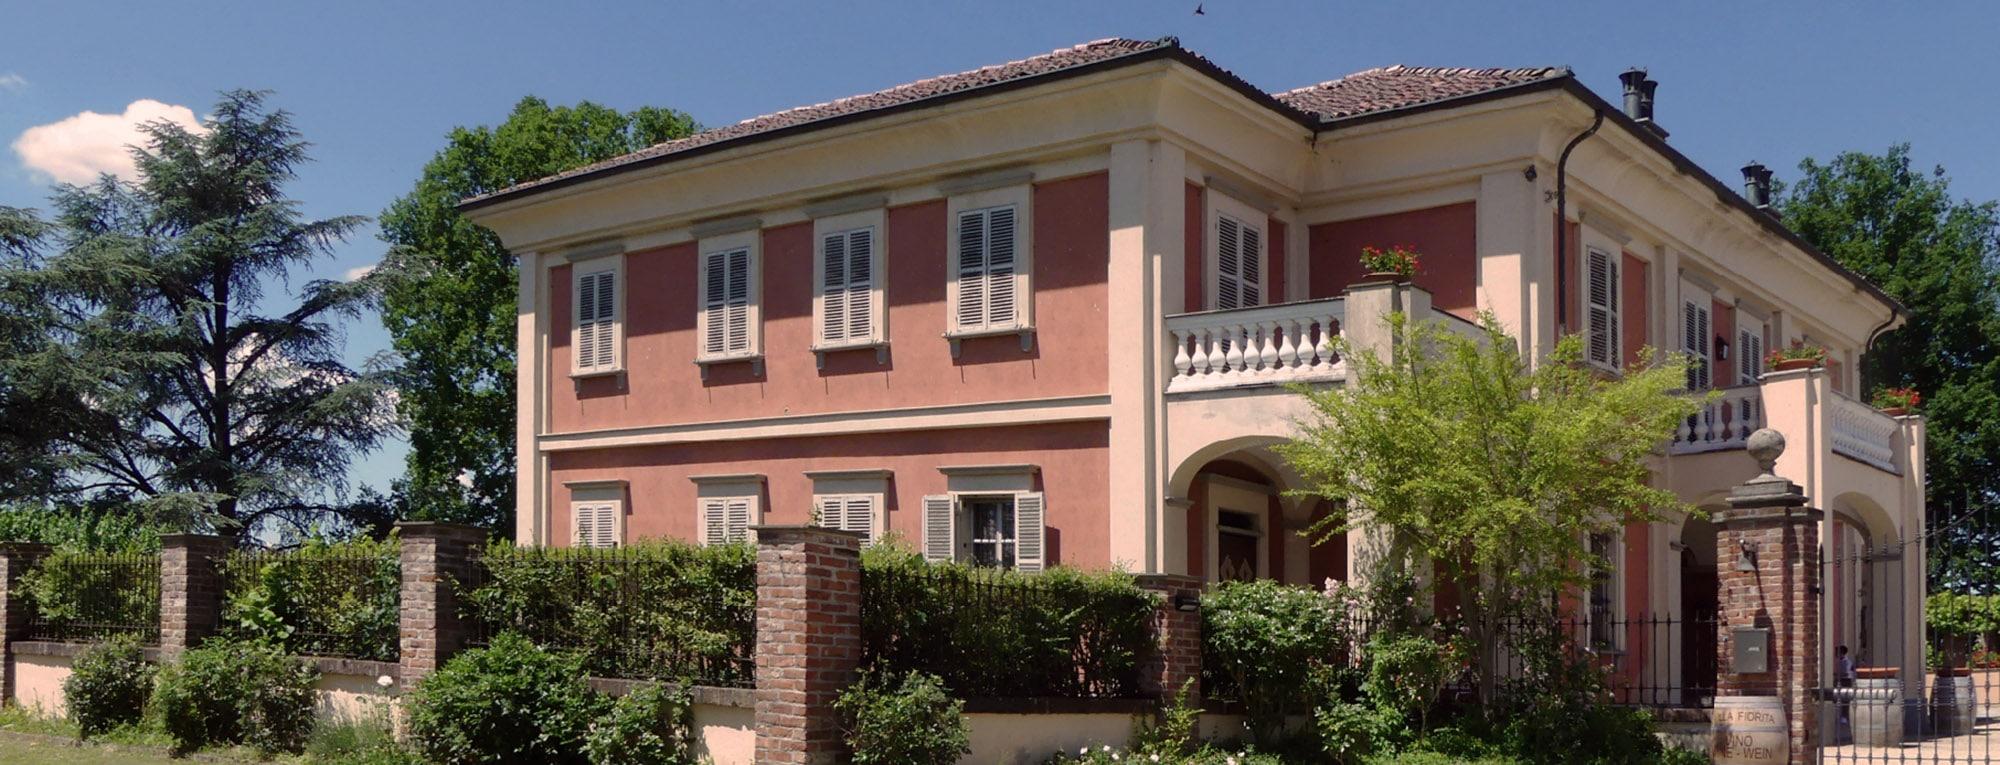 Villa Fiorita.